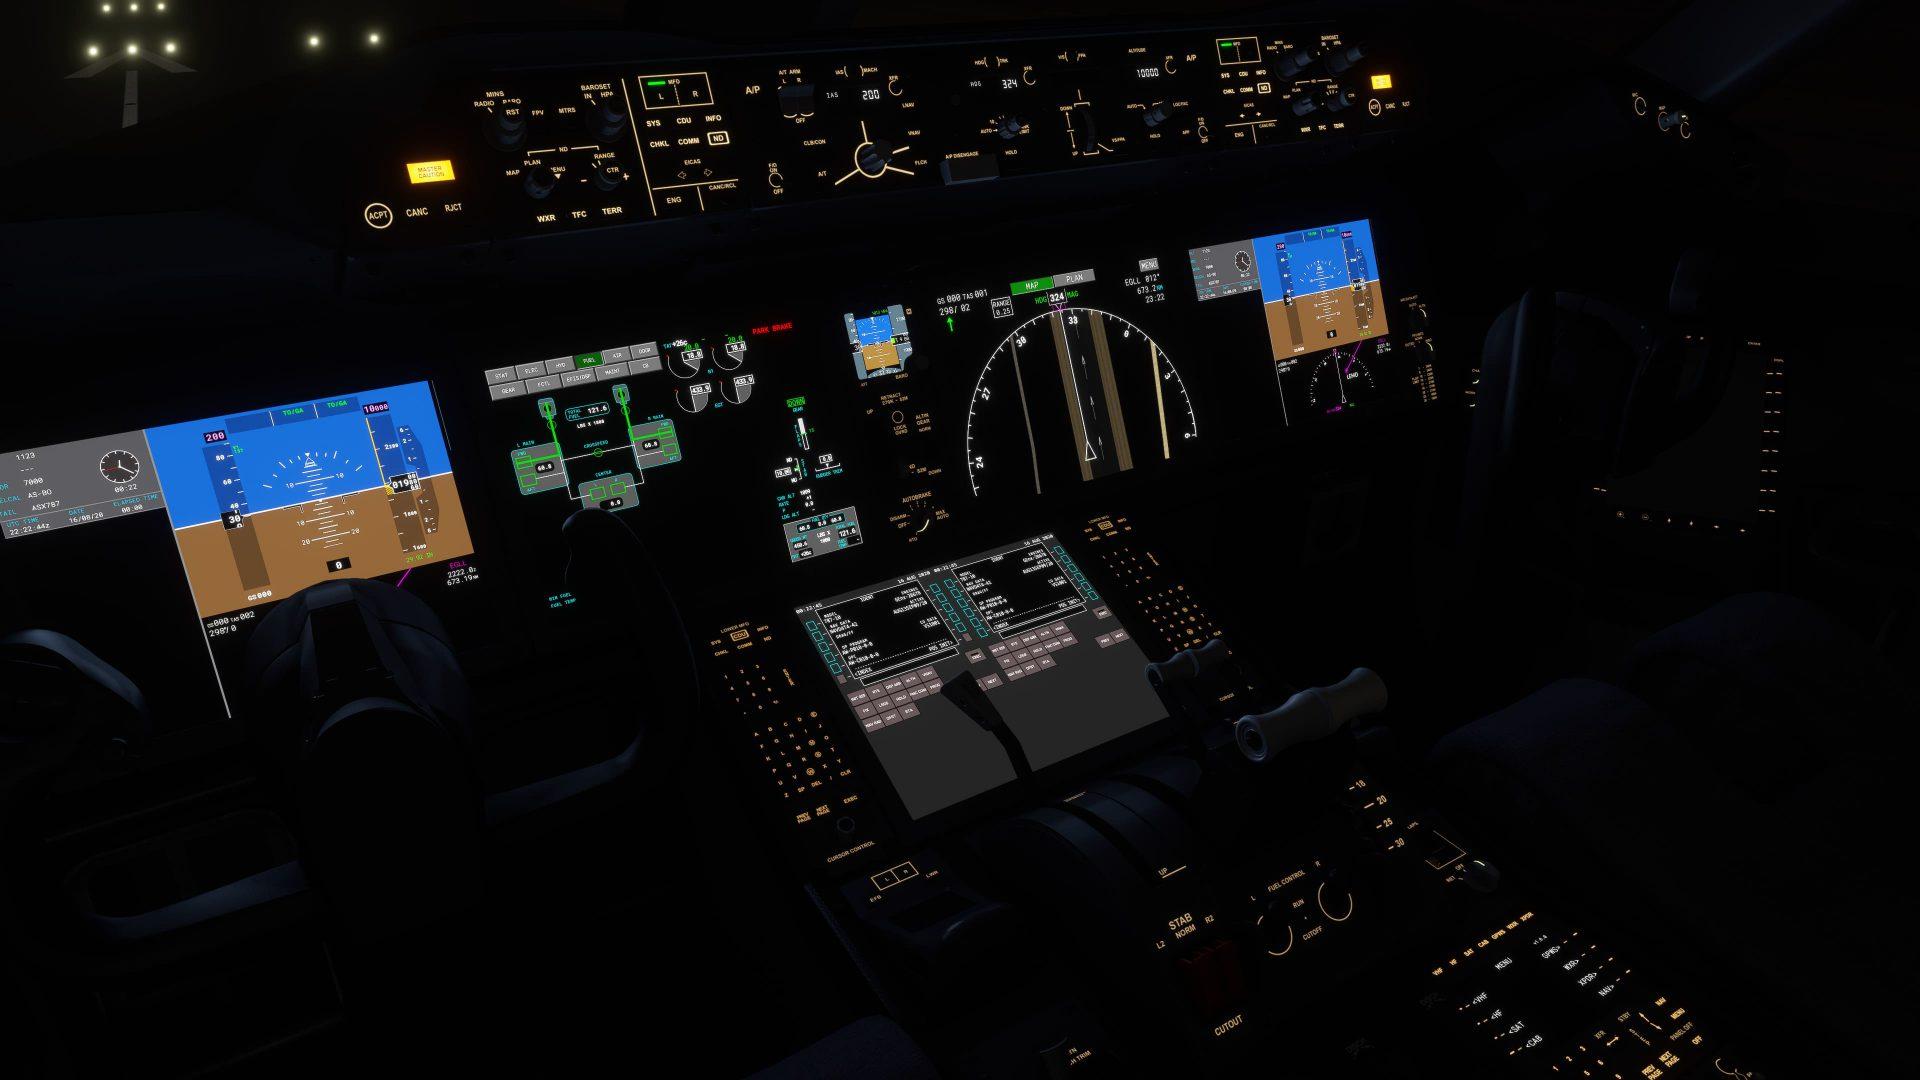 Mandos del boeing 787 de noche en Microsoft Flight Simulator